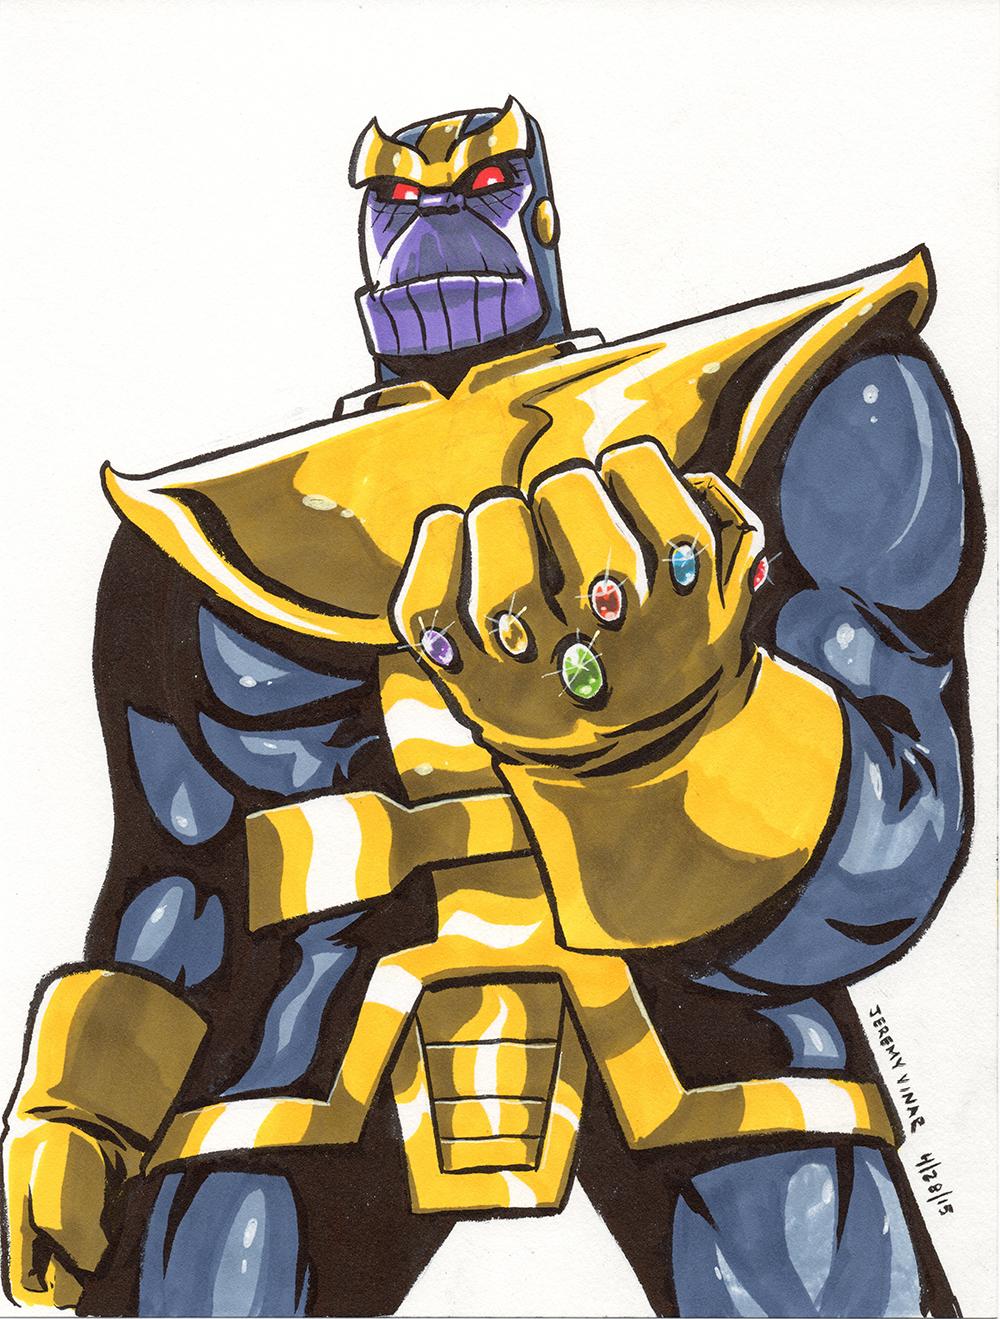 2015-04-28_ThanosSmall.jpg